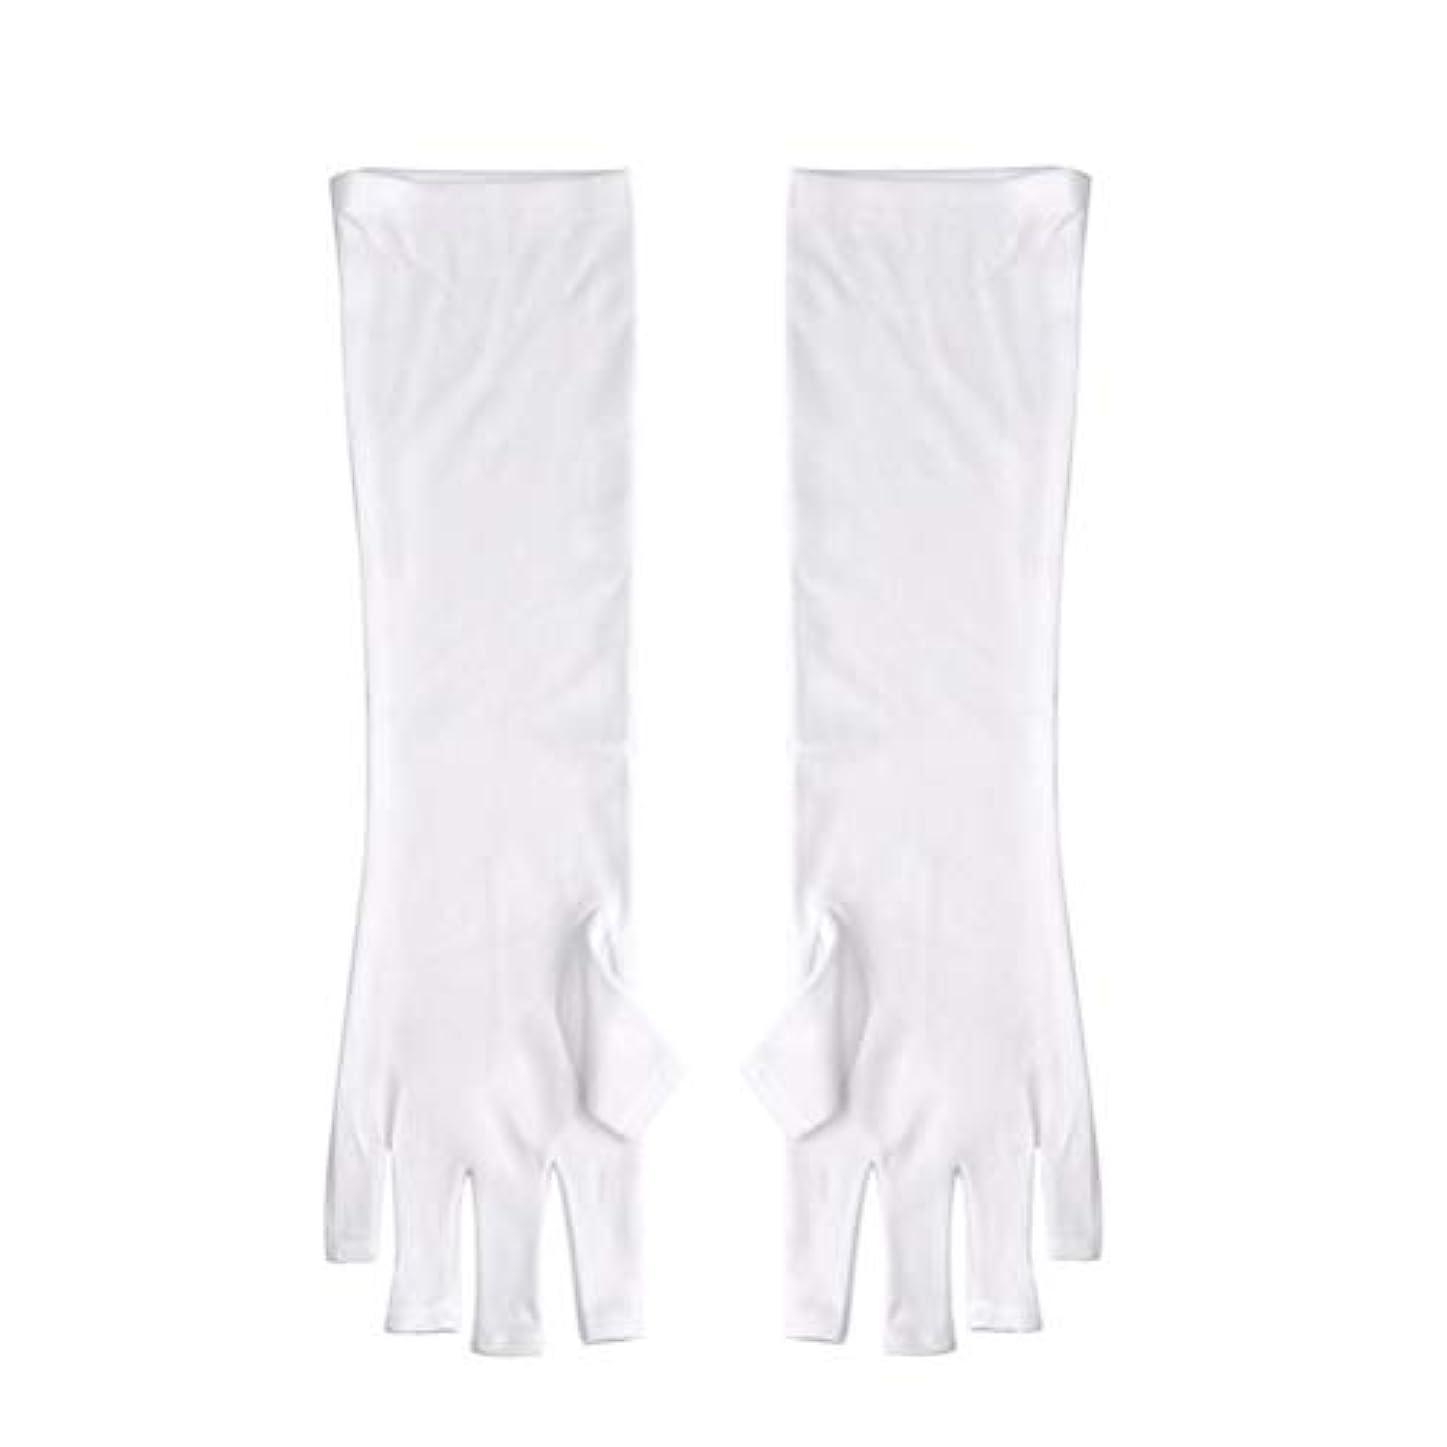 風味悪名高い欠伸Frcolor ネイルUVシールド手袋 ネイルアートグローブ 紫外線防止 マニキュア抗UVグローブ 半指 手保護 マニキュアドライヤーツール